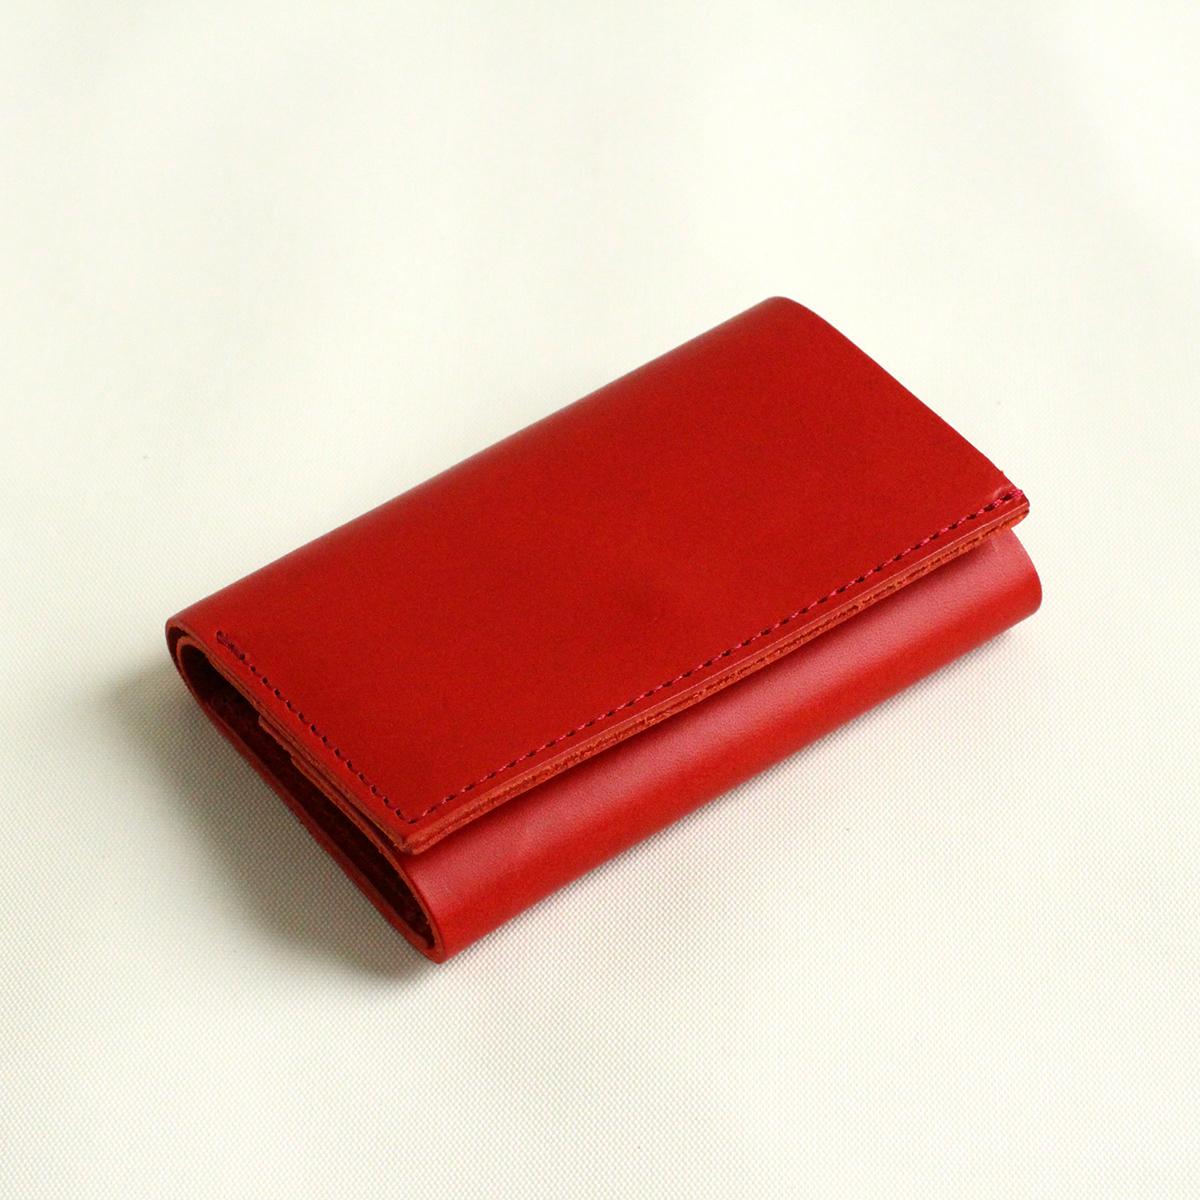 straccio Liscio/Buttero (LH) red